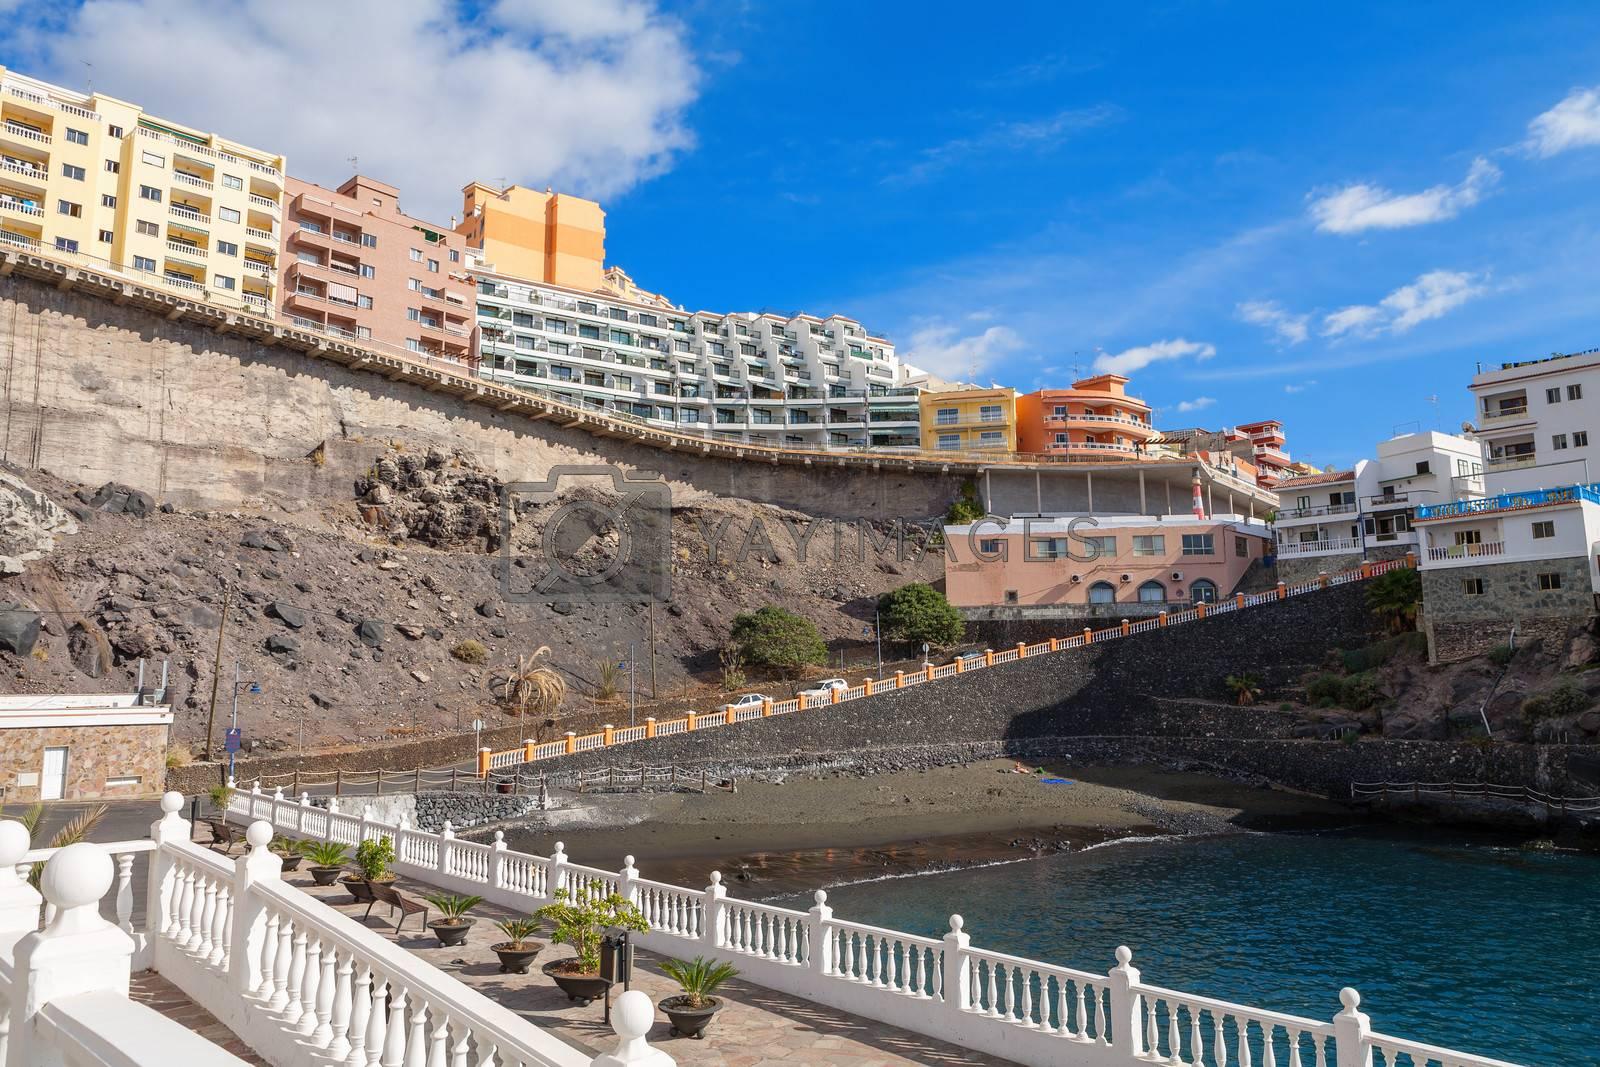 View of Puerto de Santiago. Tenerife, Canary Islands, Spain